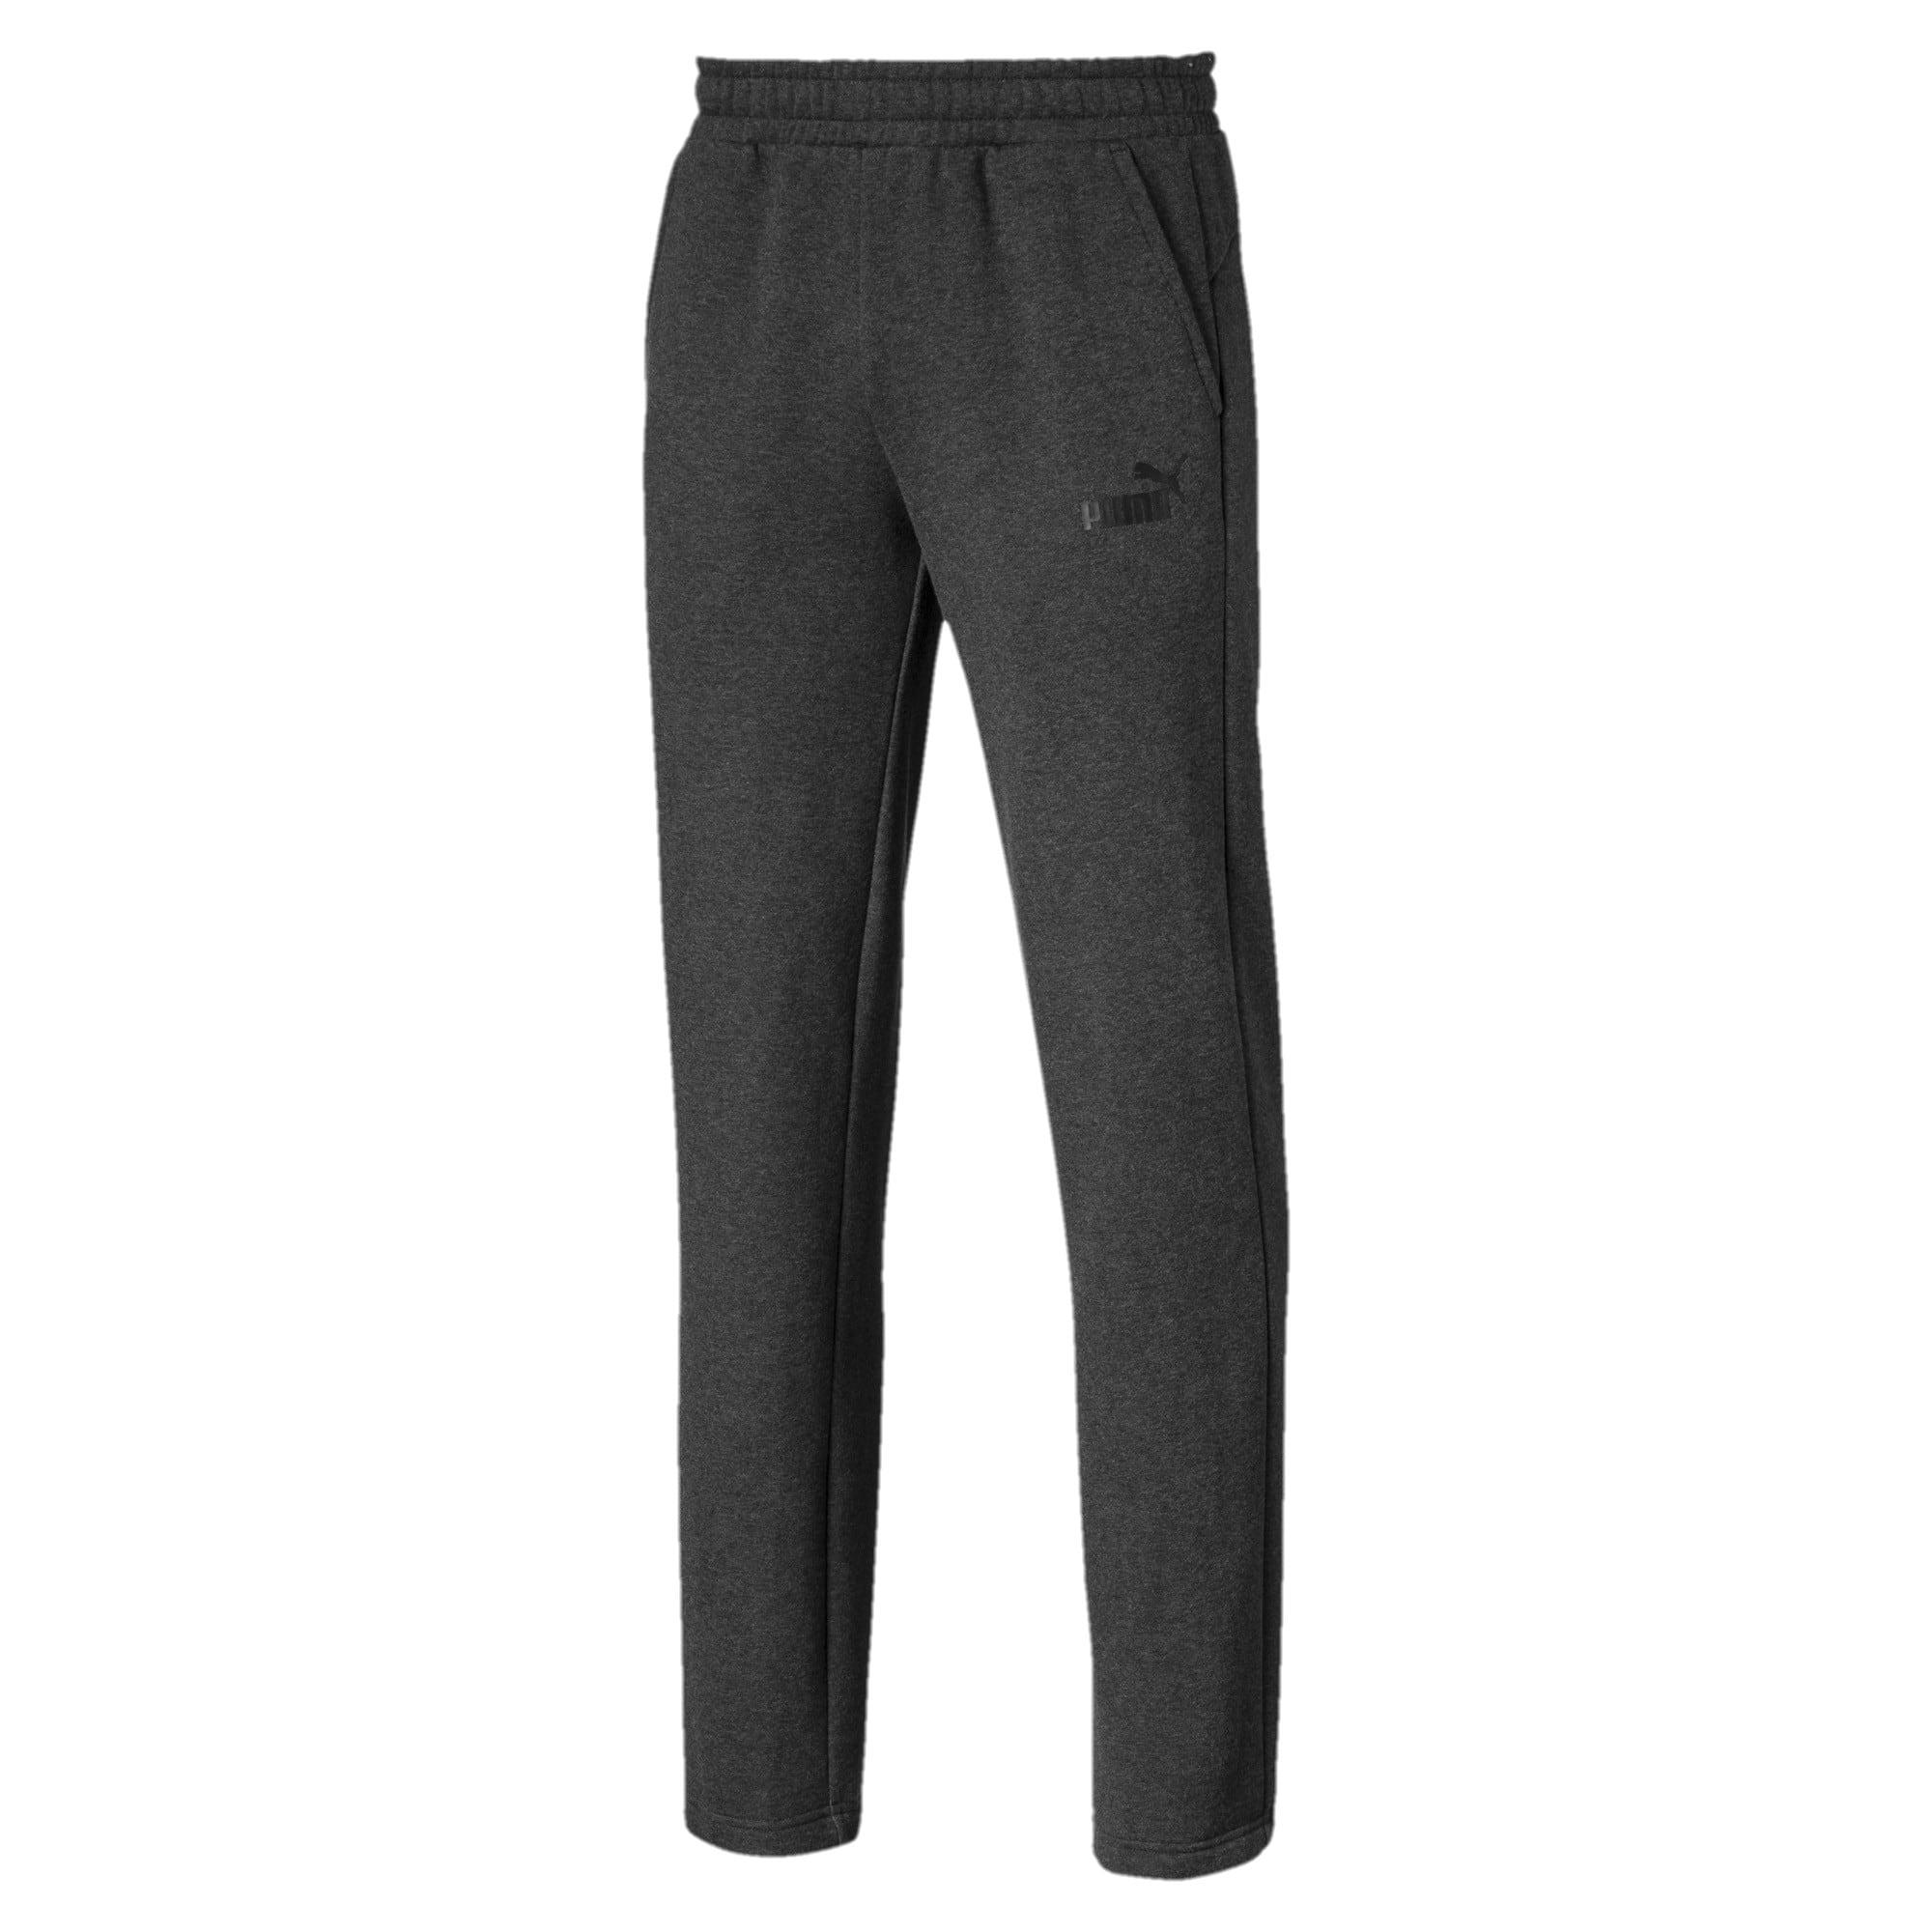 Thumbnail 1 of Essentials Men's Fleece Pants, Dark Gray Heather, medium